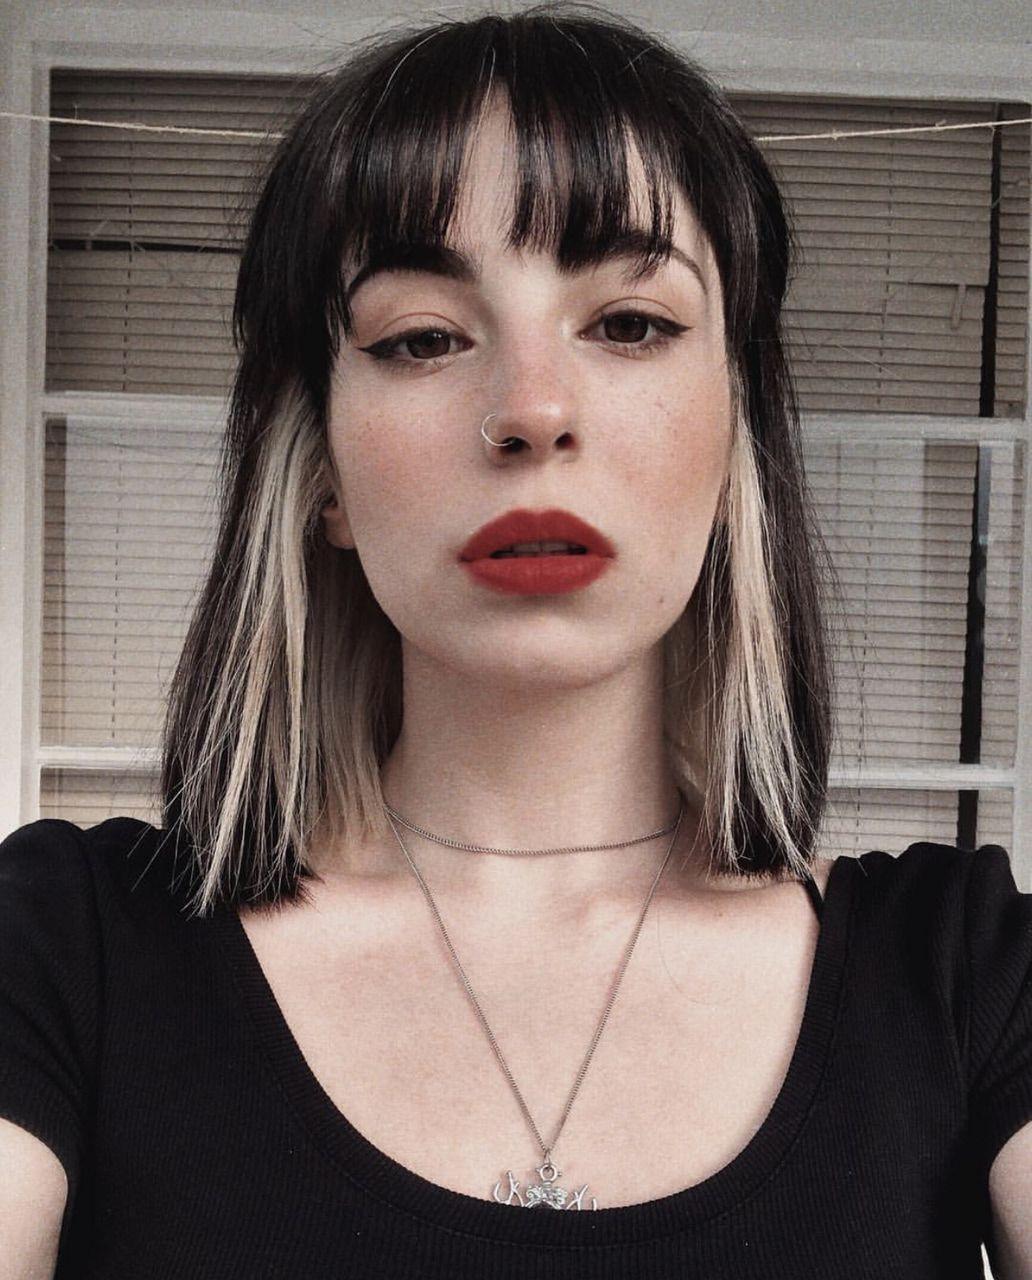 Pin on Hair Inspo ( Curly, brunette, grunge, bangs )